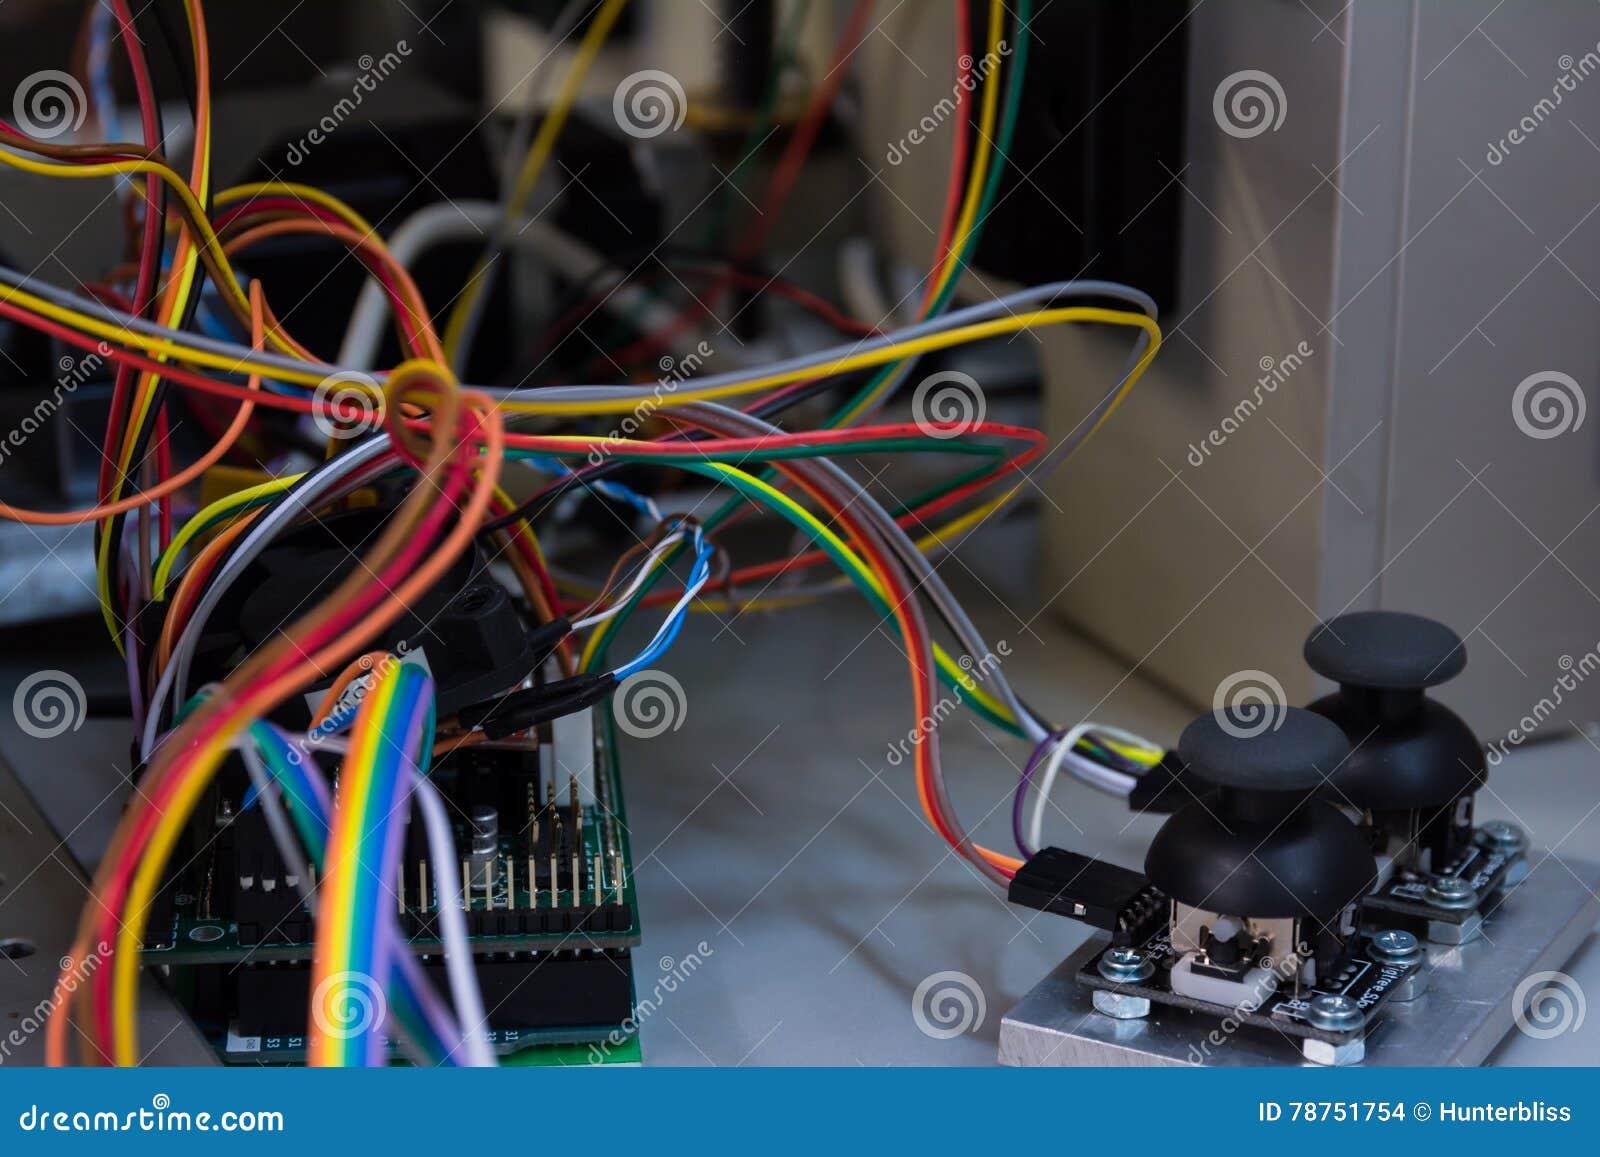 Circuito Aberto : As placas do circuito aberto do manche conectaram pwb b de arduino